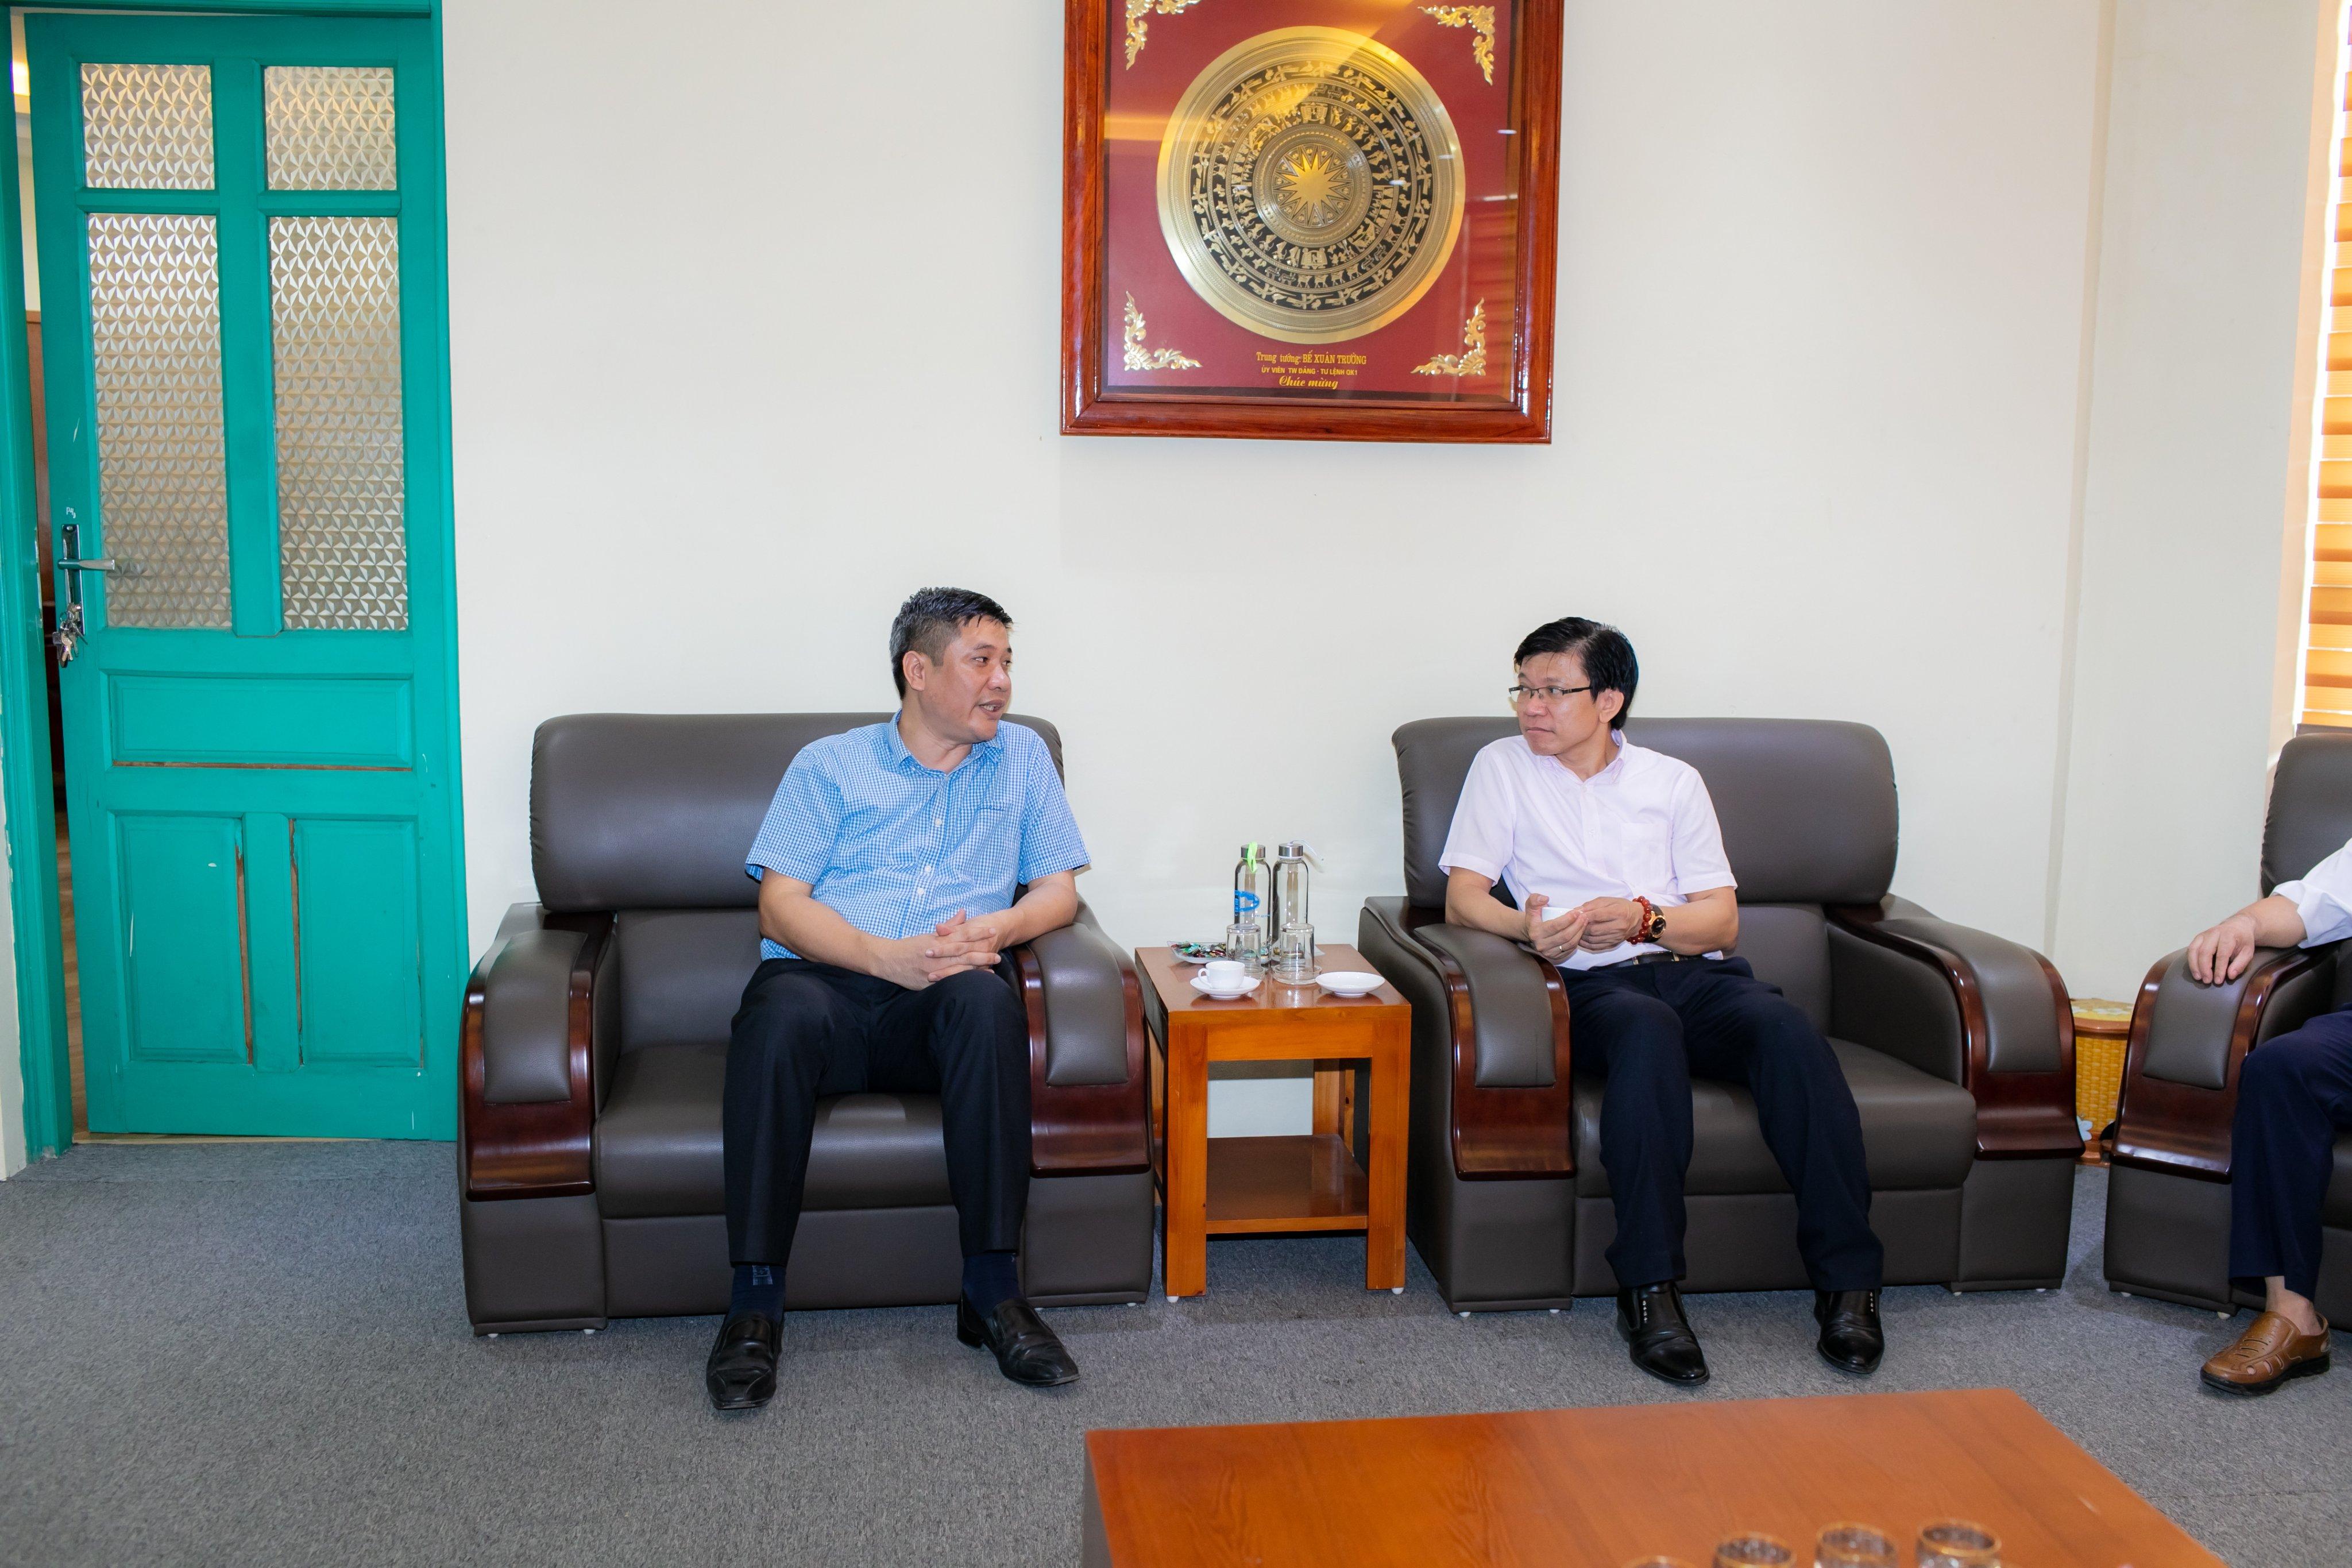 Hiệu trưởng, PGS.TS.Nguyễn Văn Đăng tiếp và trao đổi GS. Hoàng Anh Tuấn